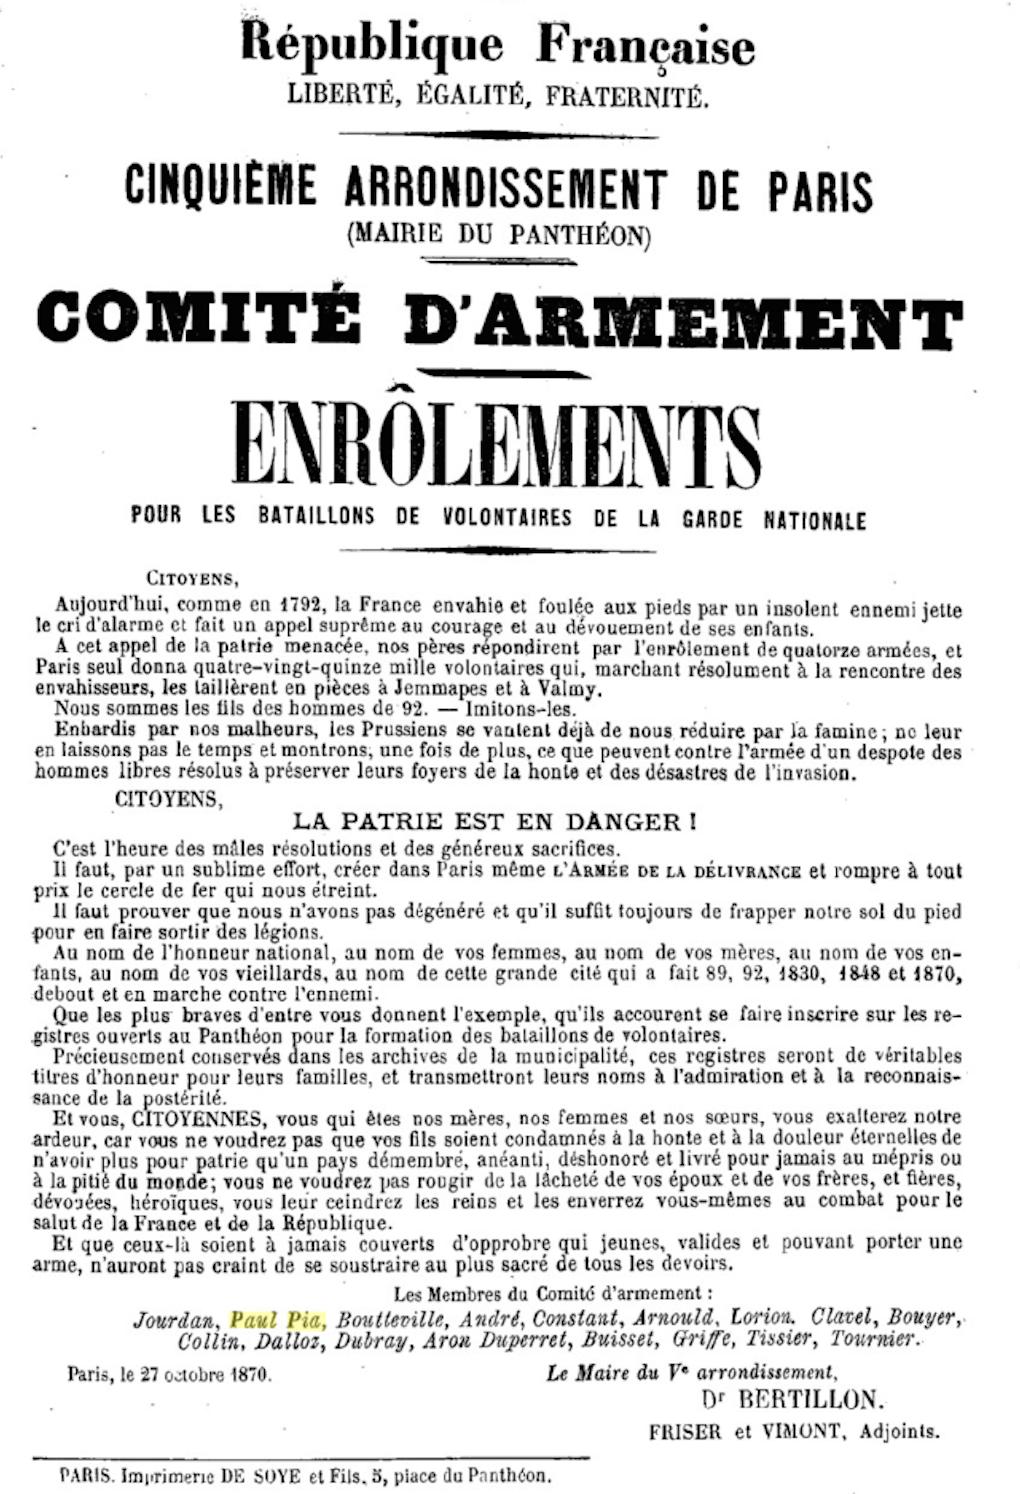 Affiche du Comité d'Armement du Cinquième Arrondissement (Panthéon) de Paris / 27 octobre 1870